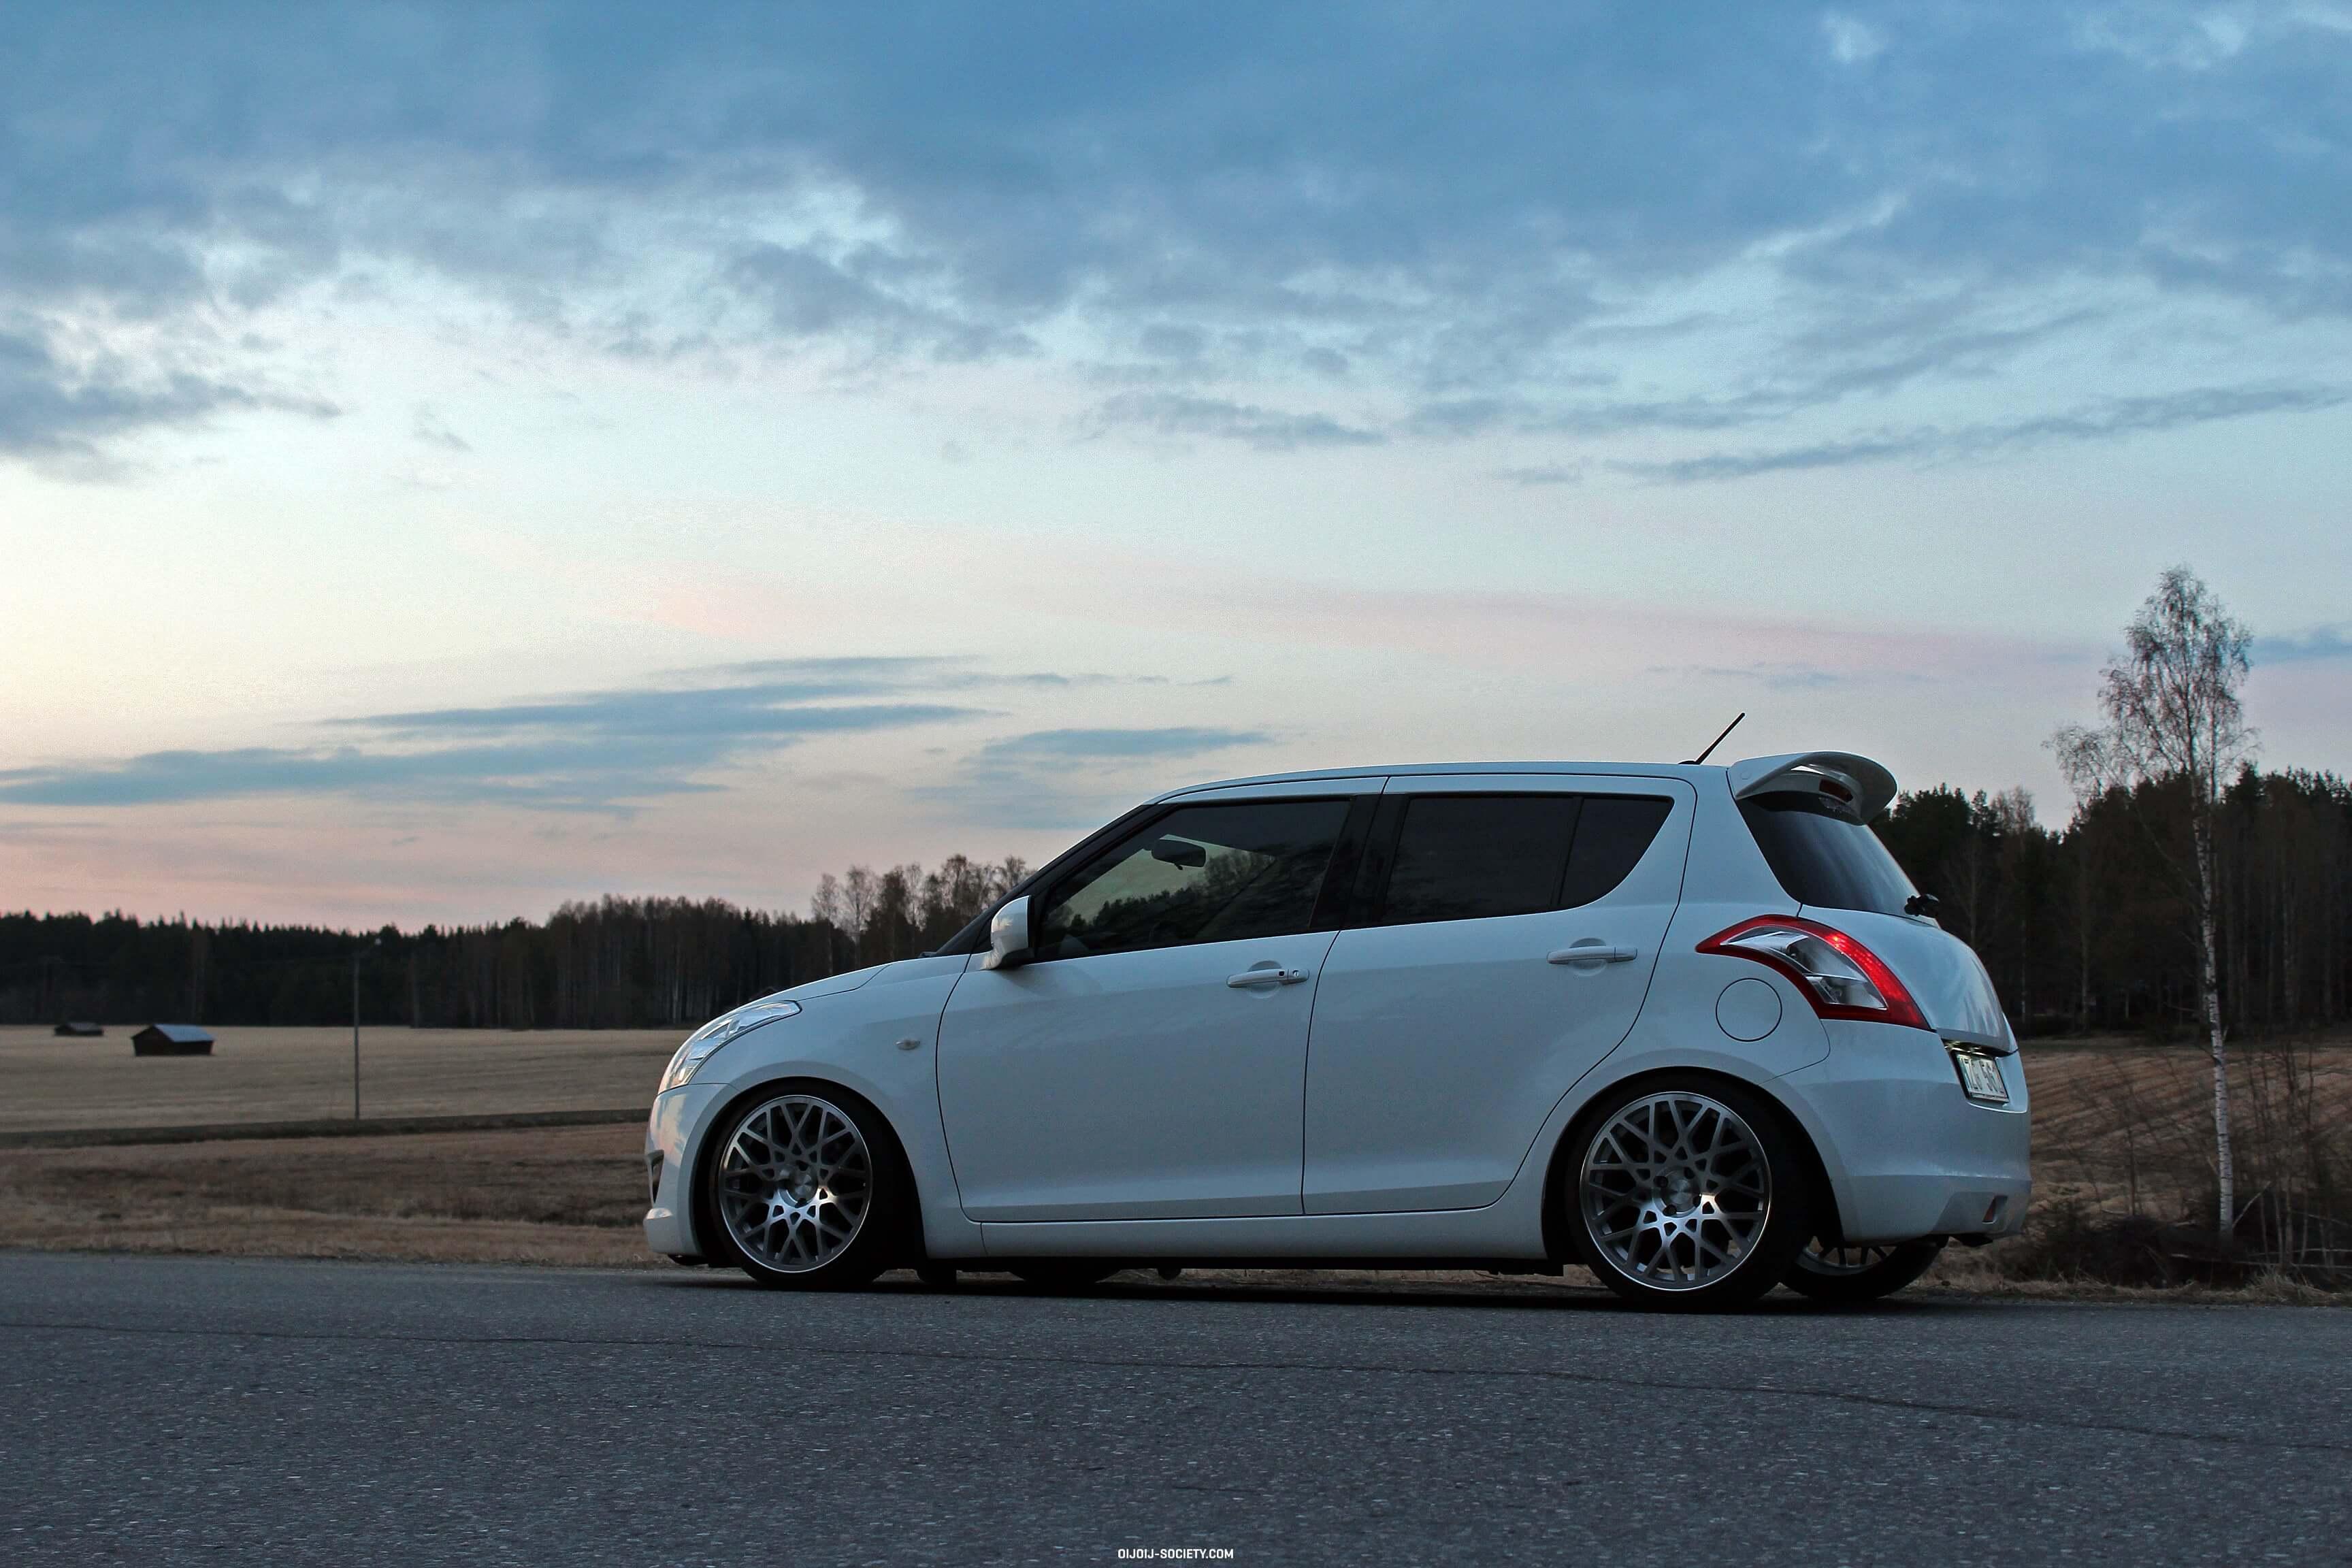 Suzuki Swift Interest Free